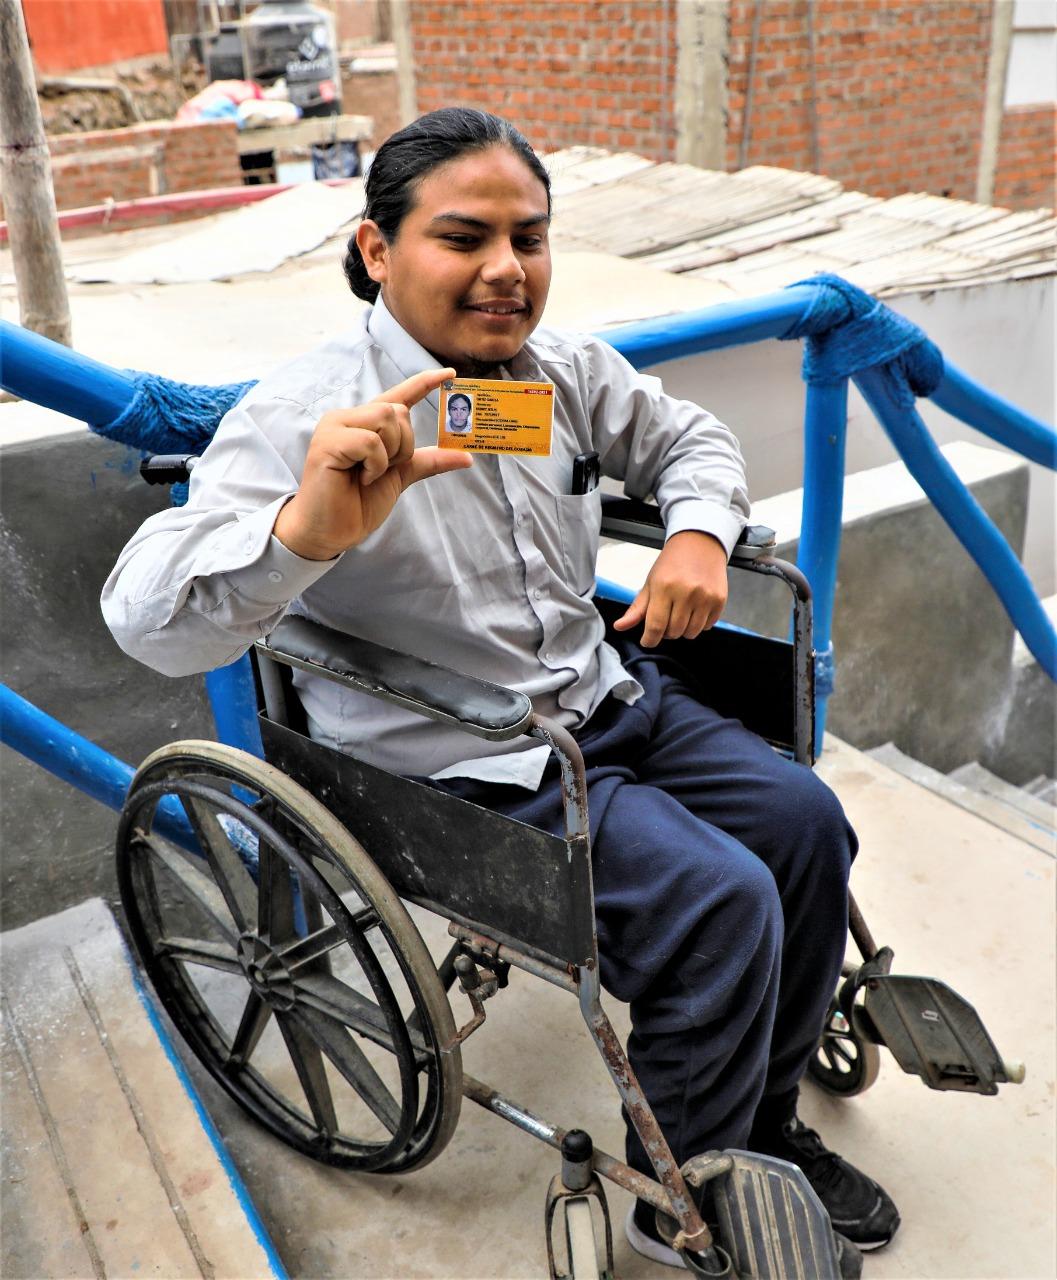 Persona con discapacidad en silla de ruedas mostrando su carnet amarillo del CONADIS